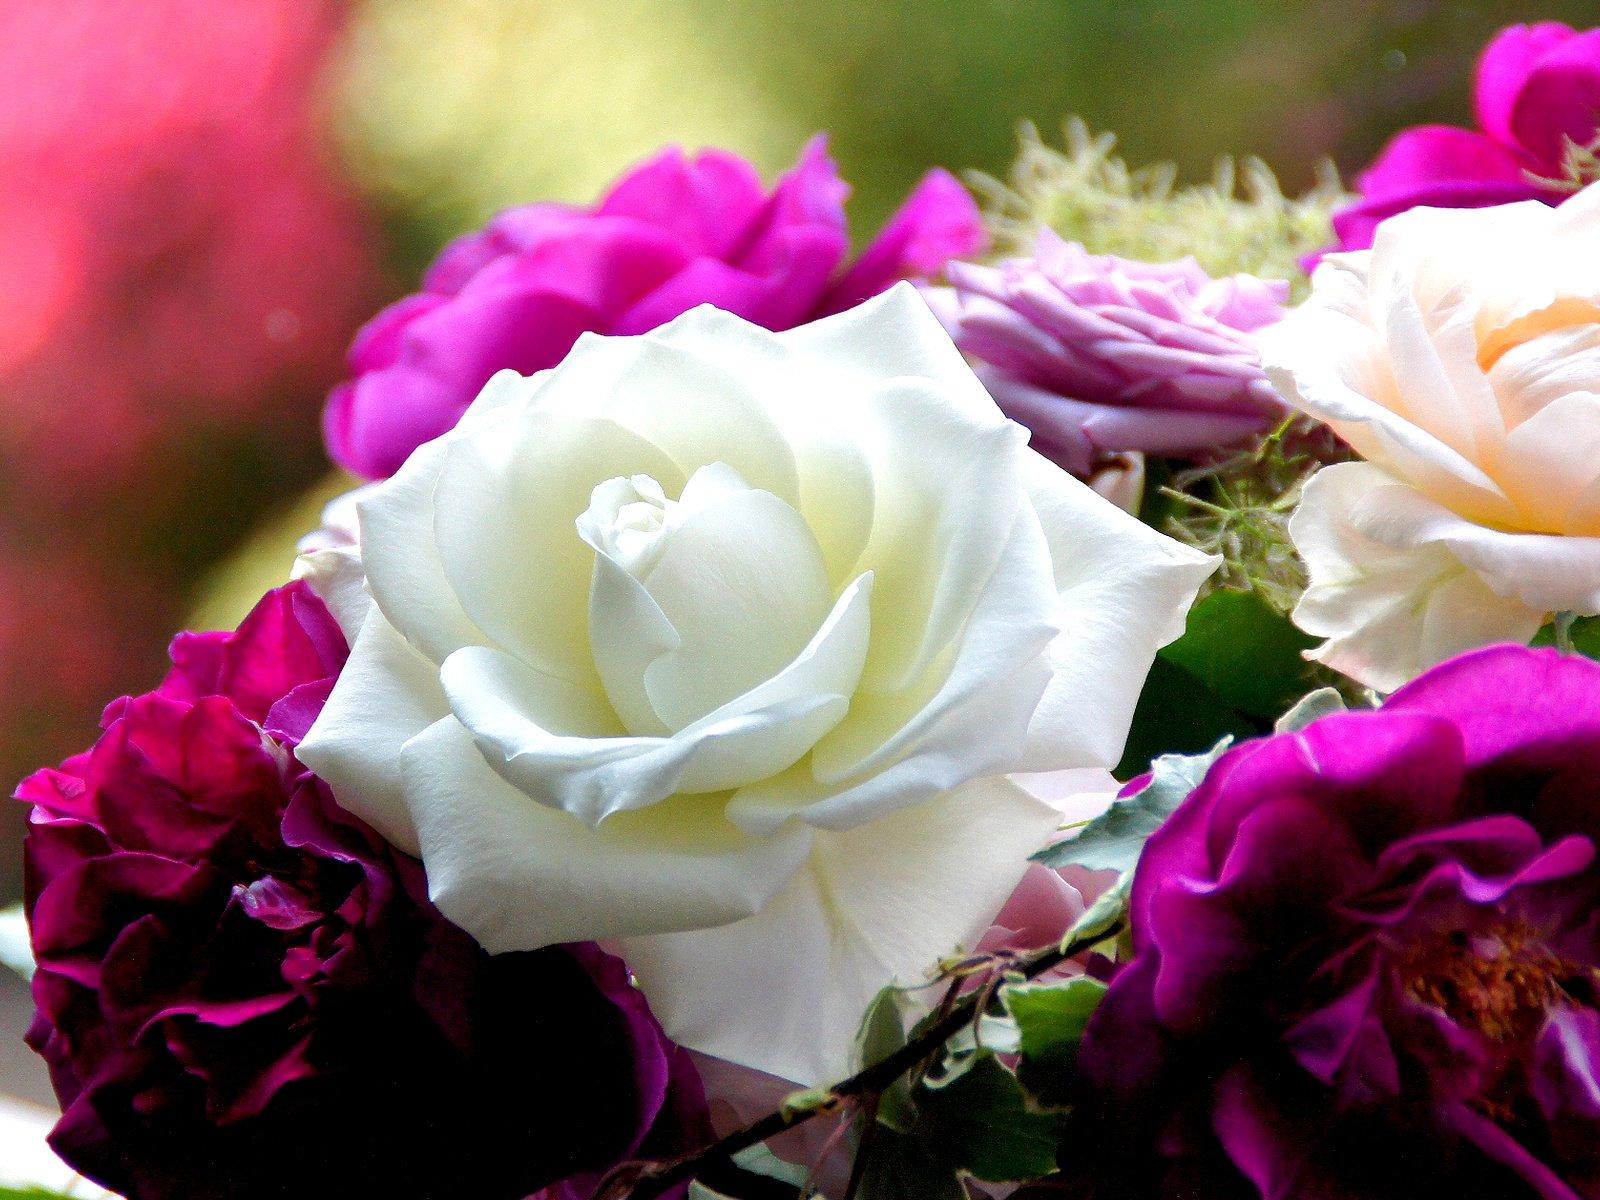 розы цветы фото большие большого разрешения плотная жирная больше